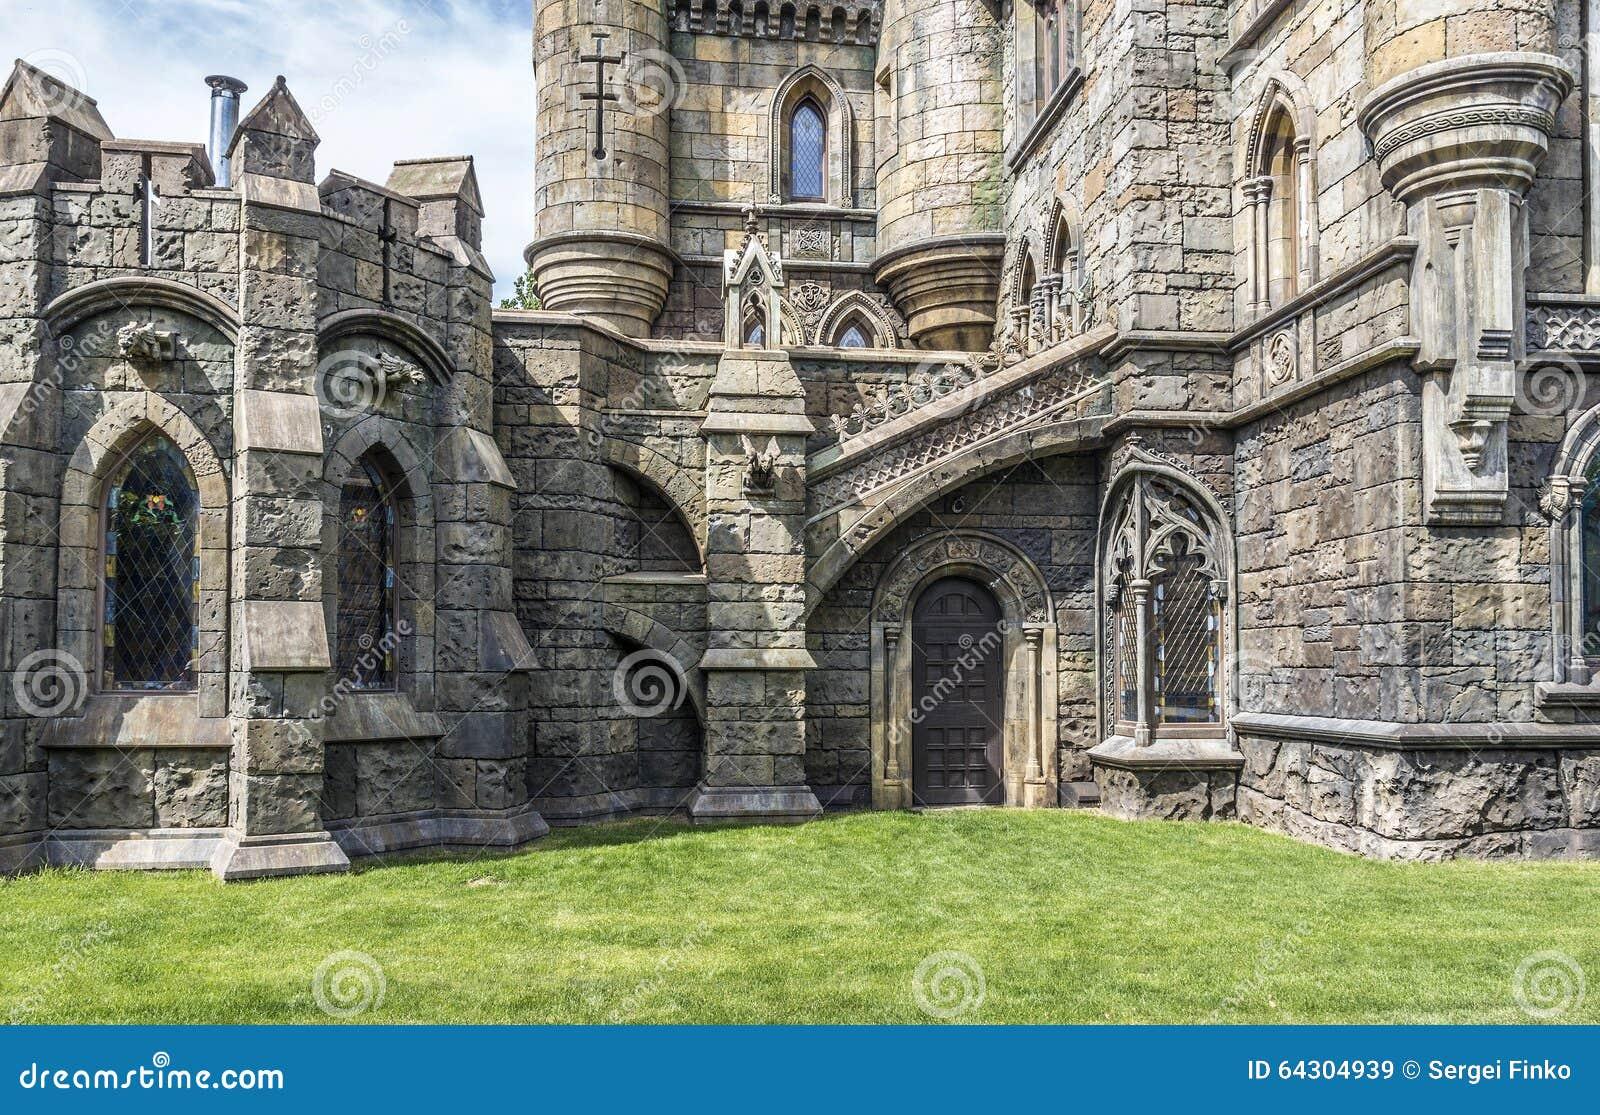 elementi di architettura nello stile gotico fotografia